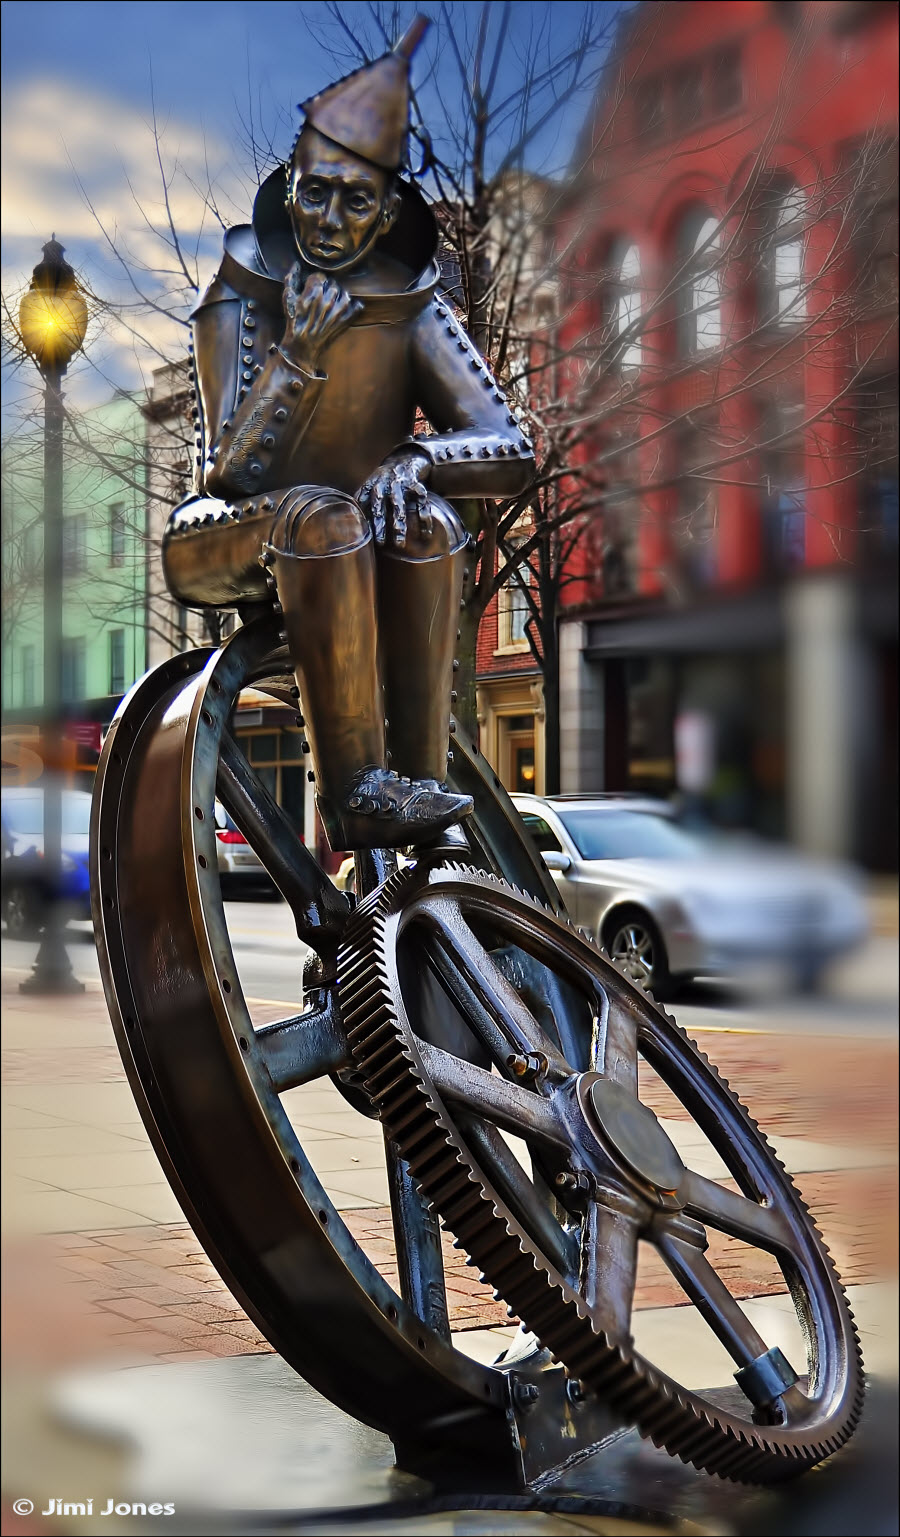 Photograph of the Tin Man